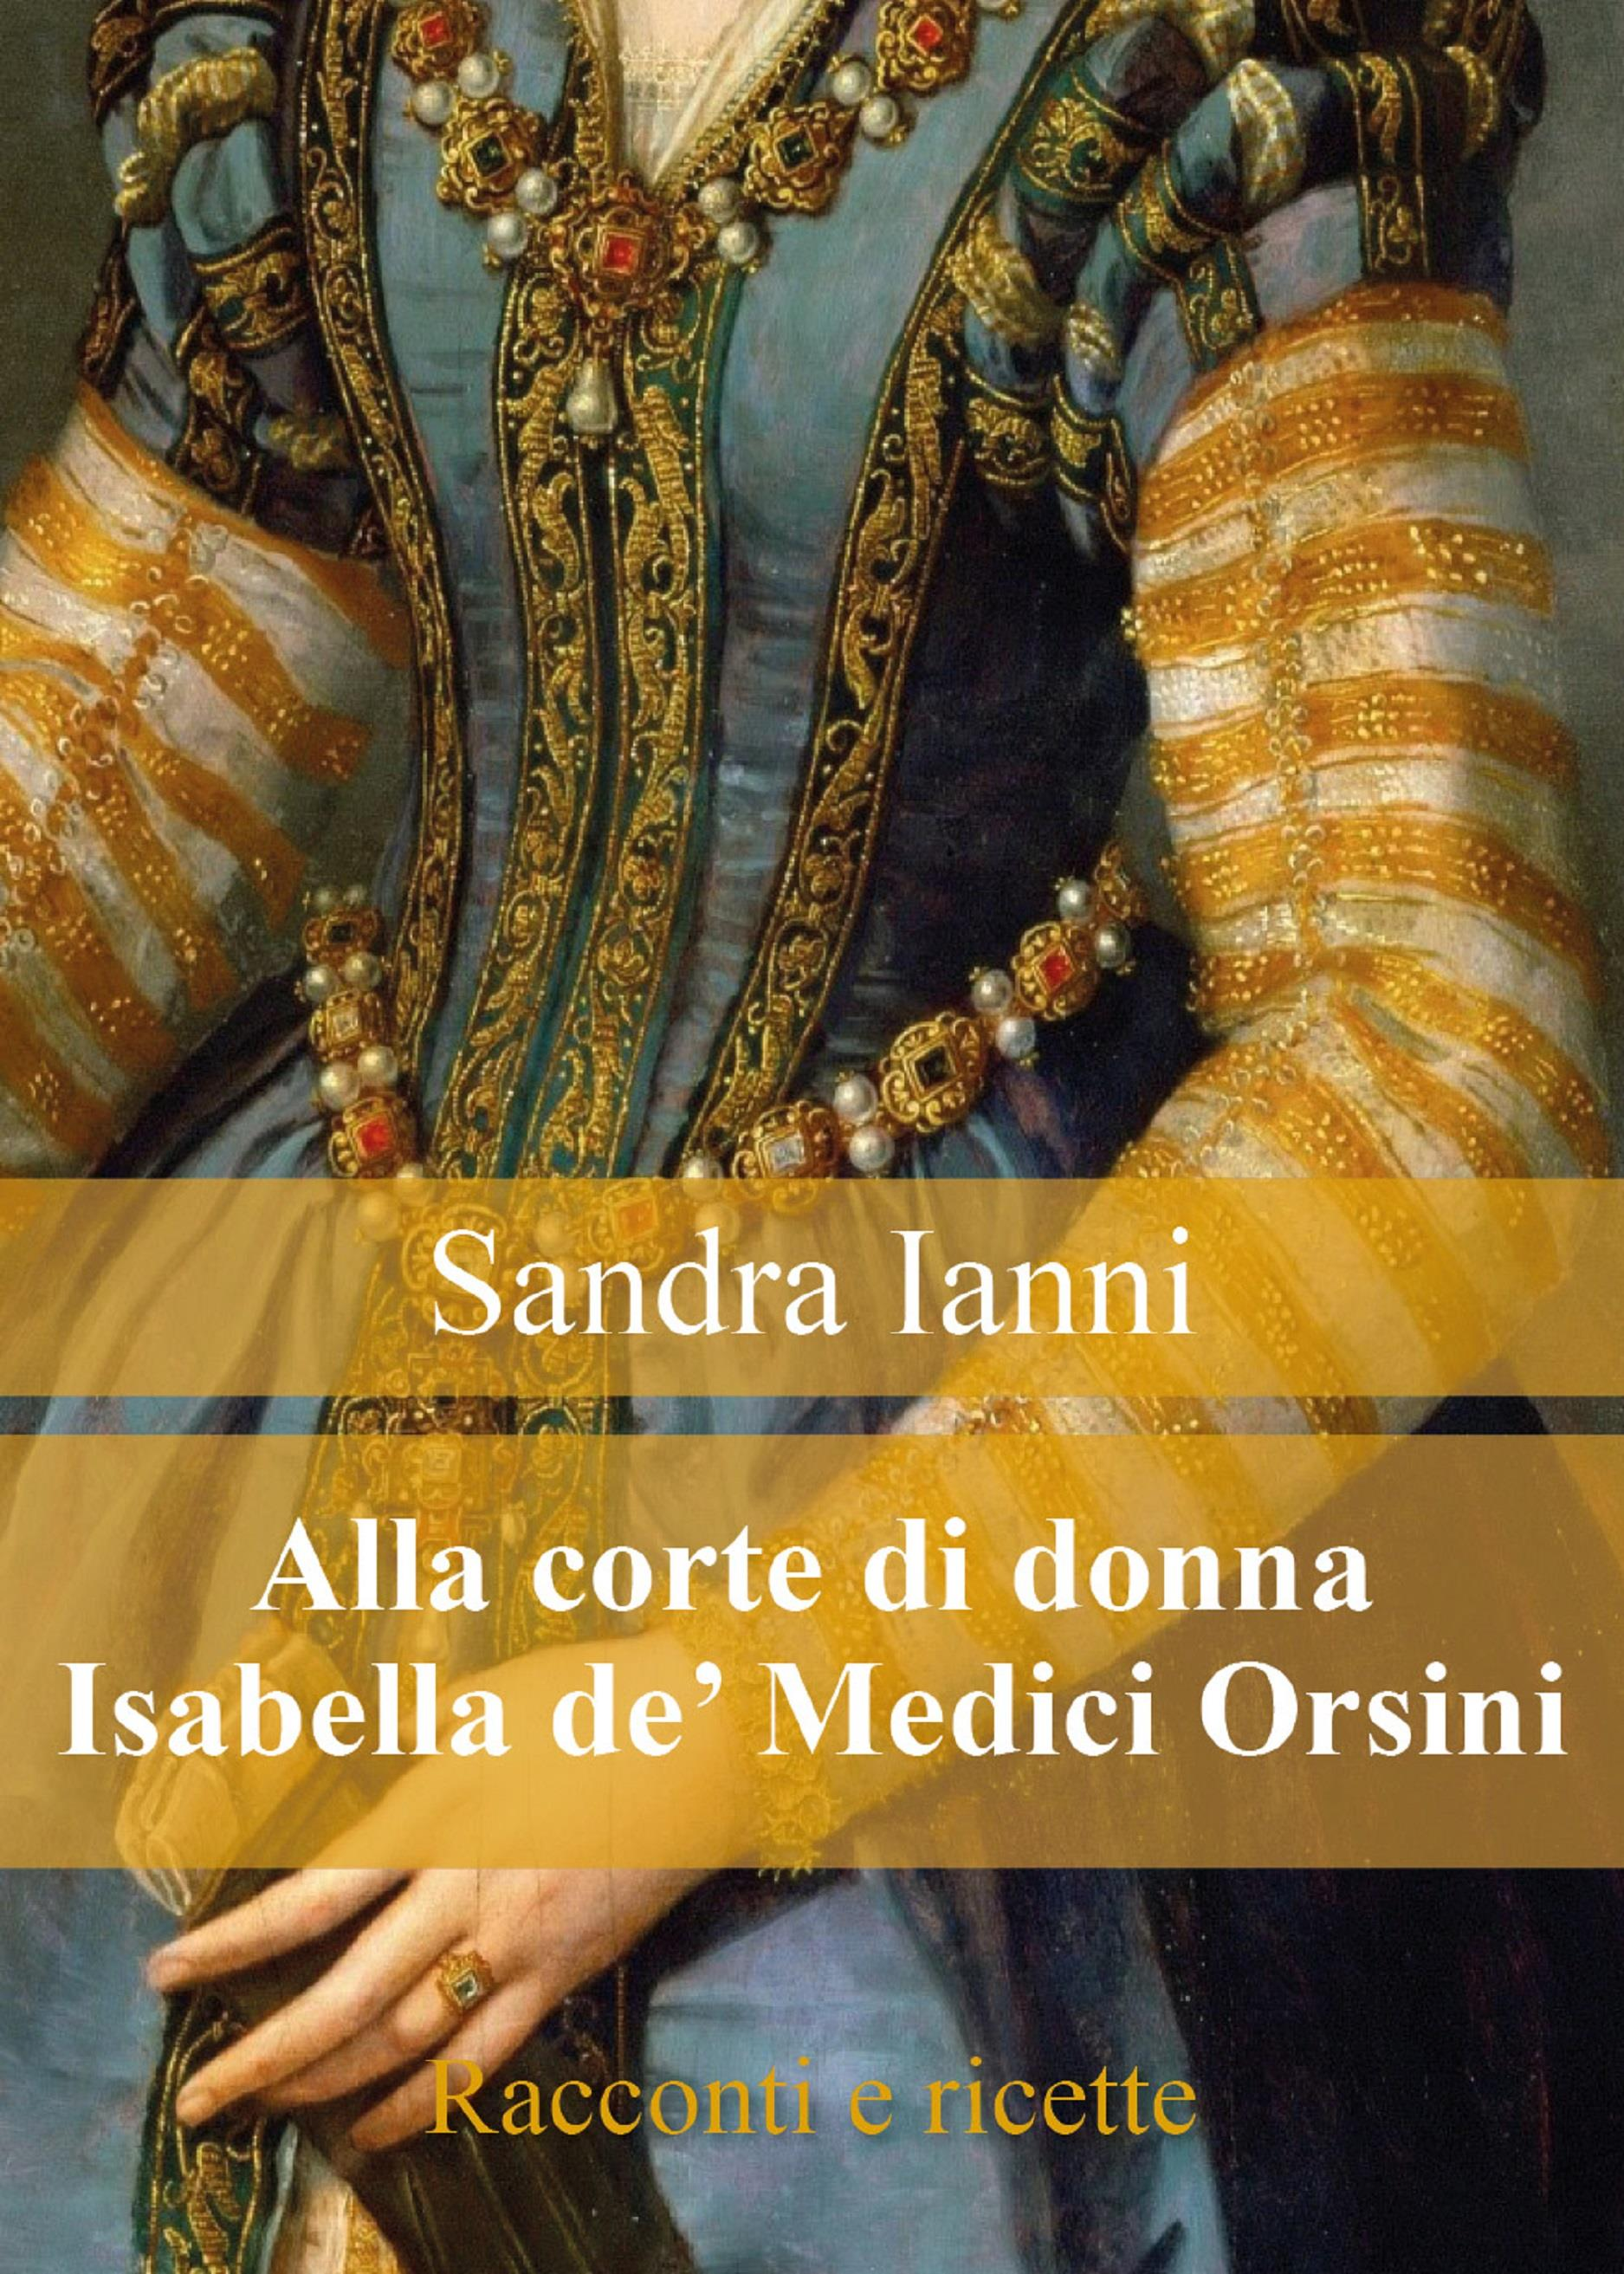 Alla corte di Isabella de' Medici Orsini. Racconti e ricette.